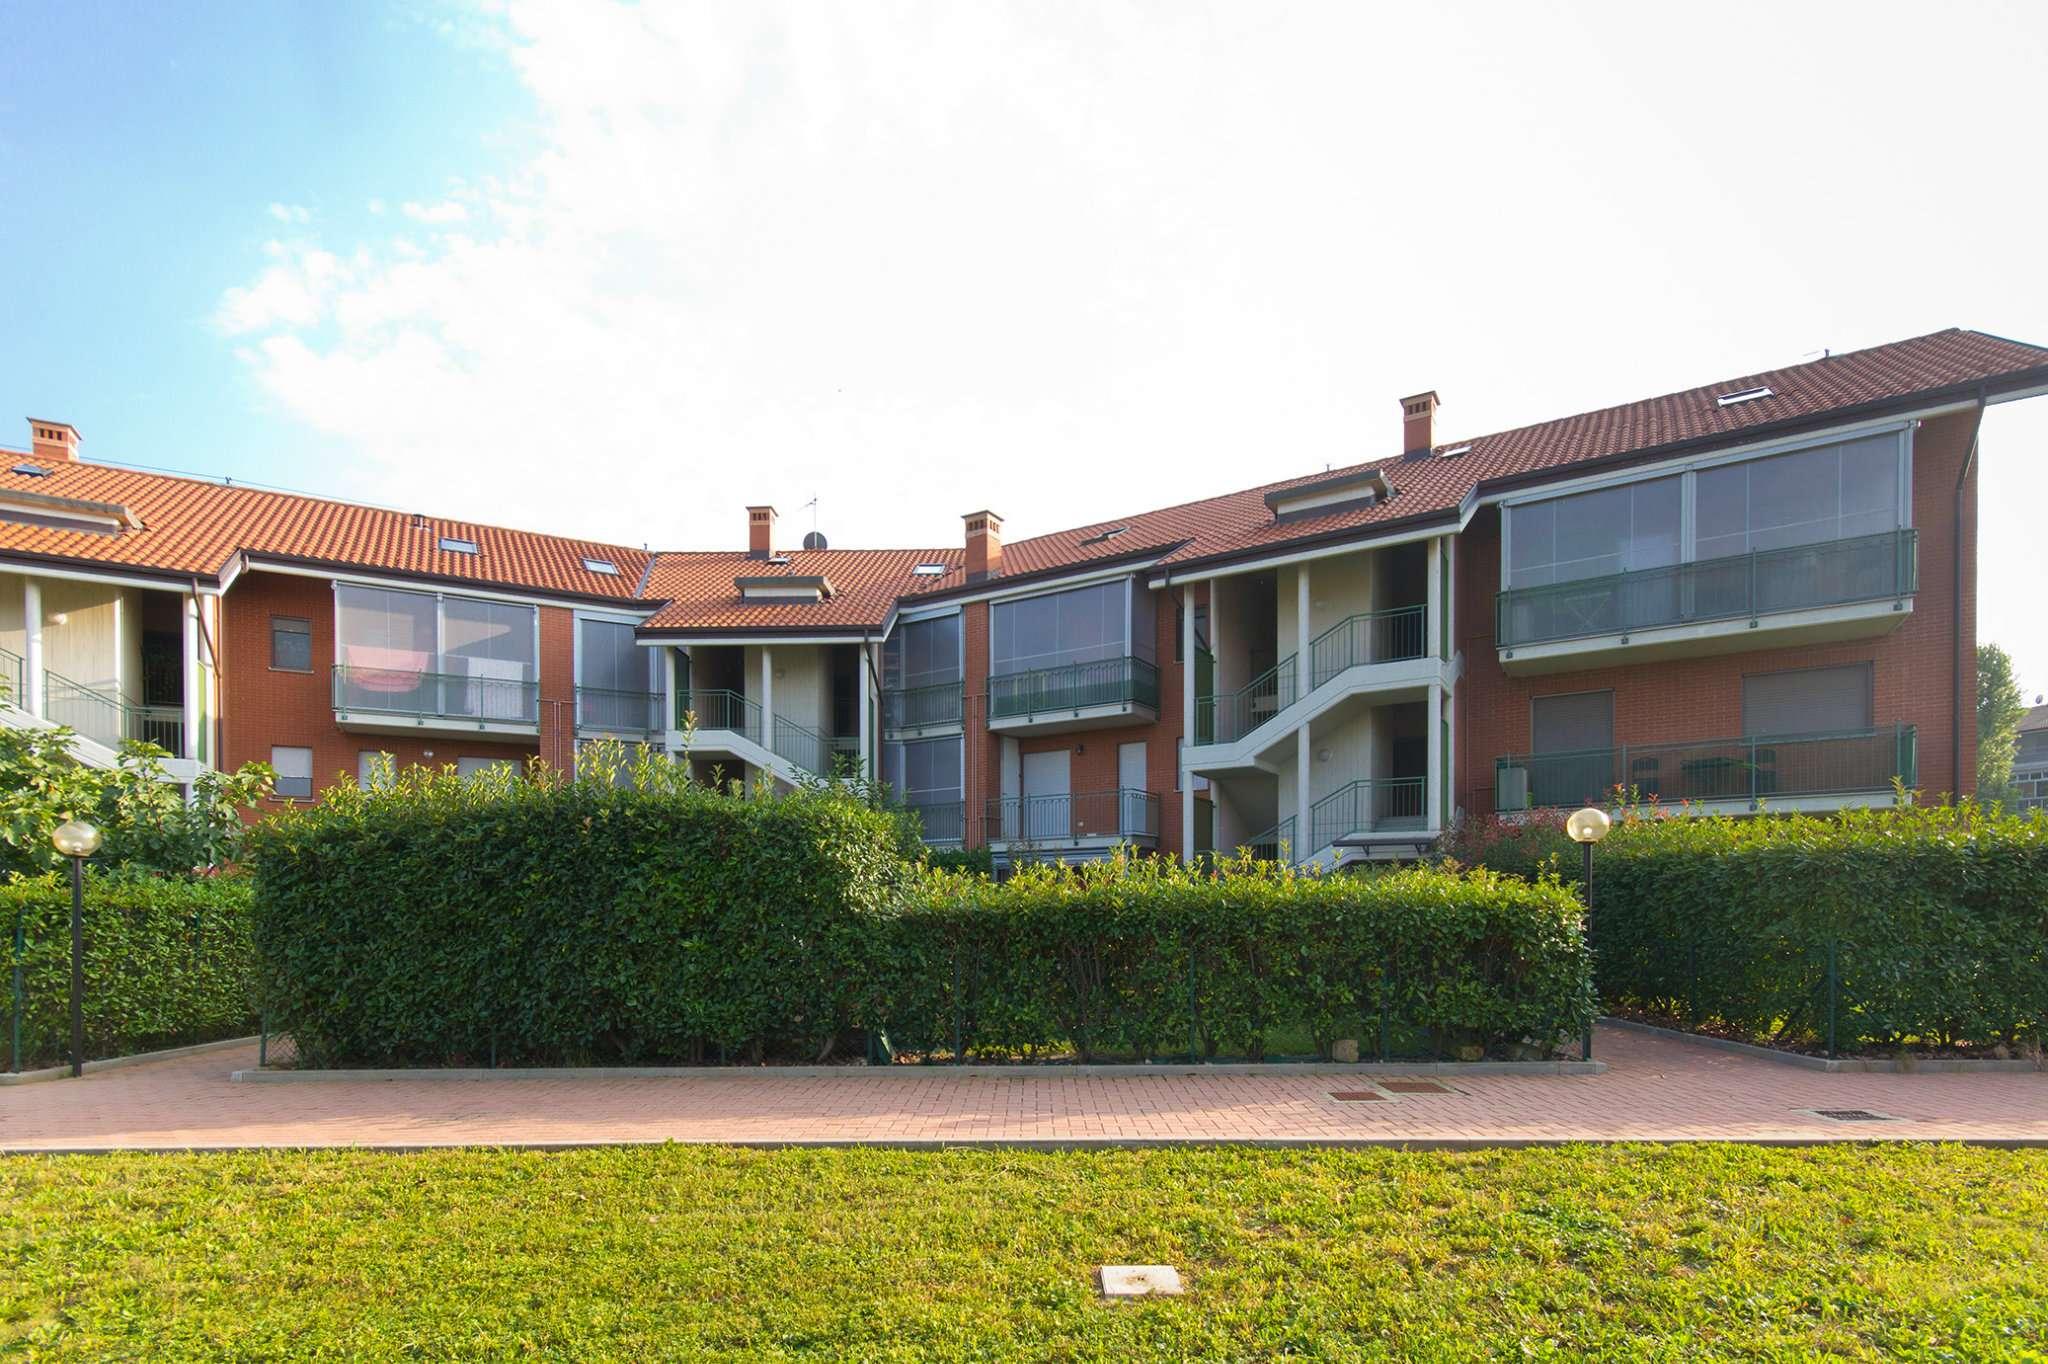 Appartamento in vendita a Pianezza, 2 locali, prezzo € 227.000 | CambioCasa.it